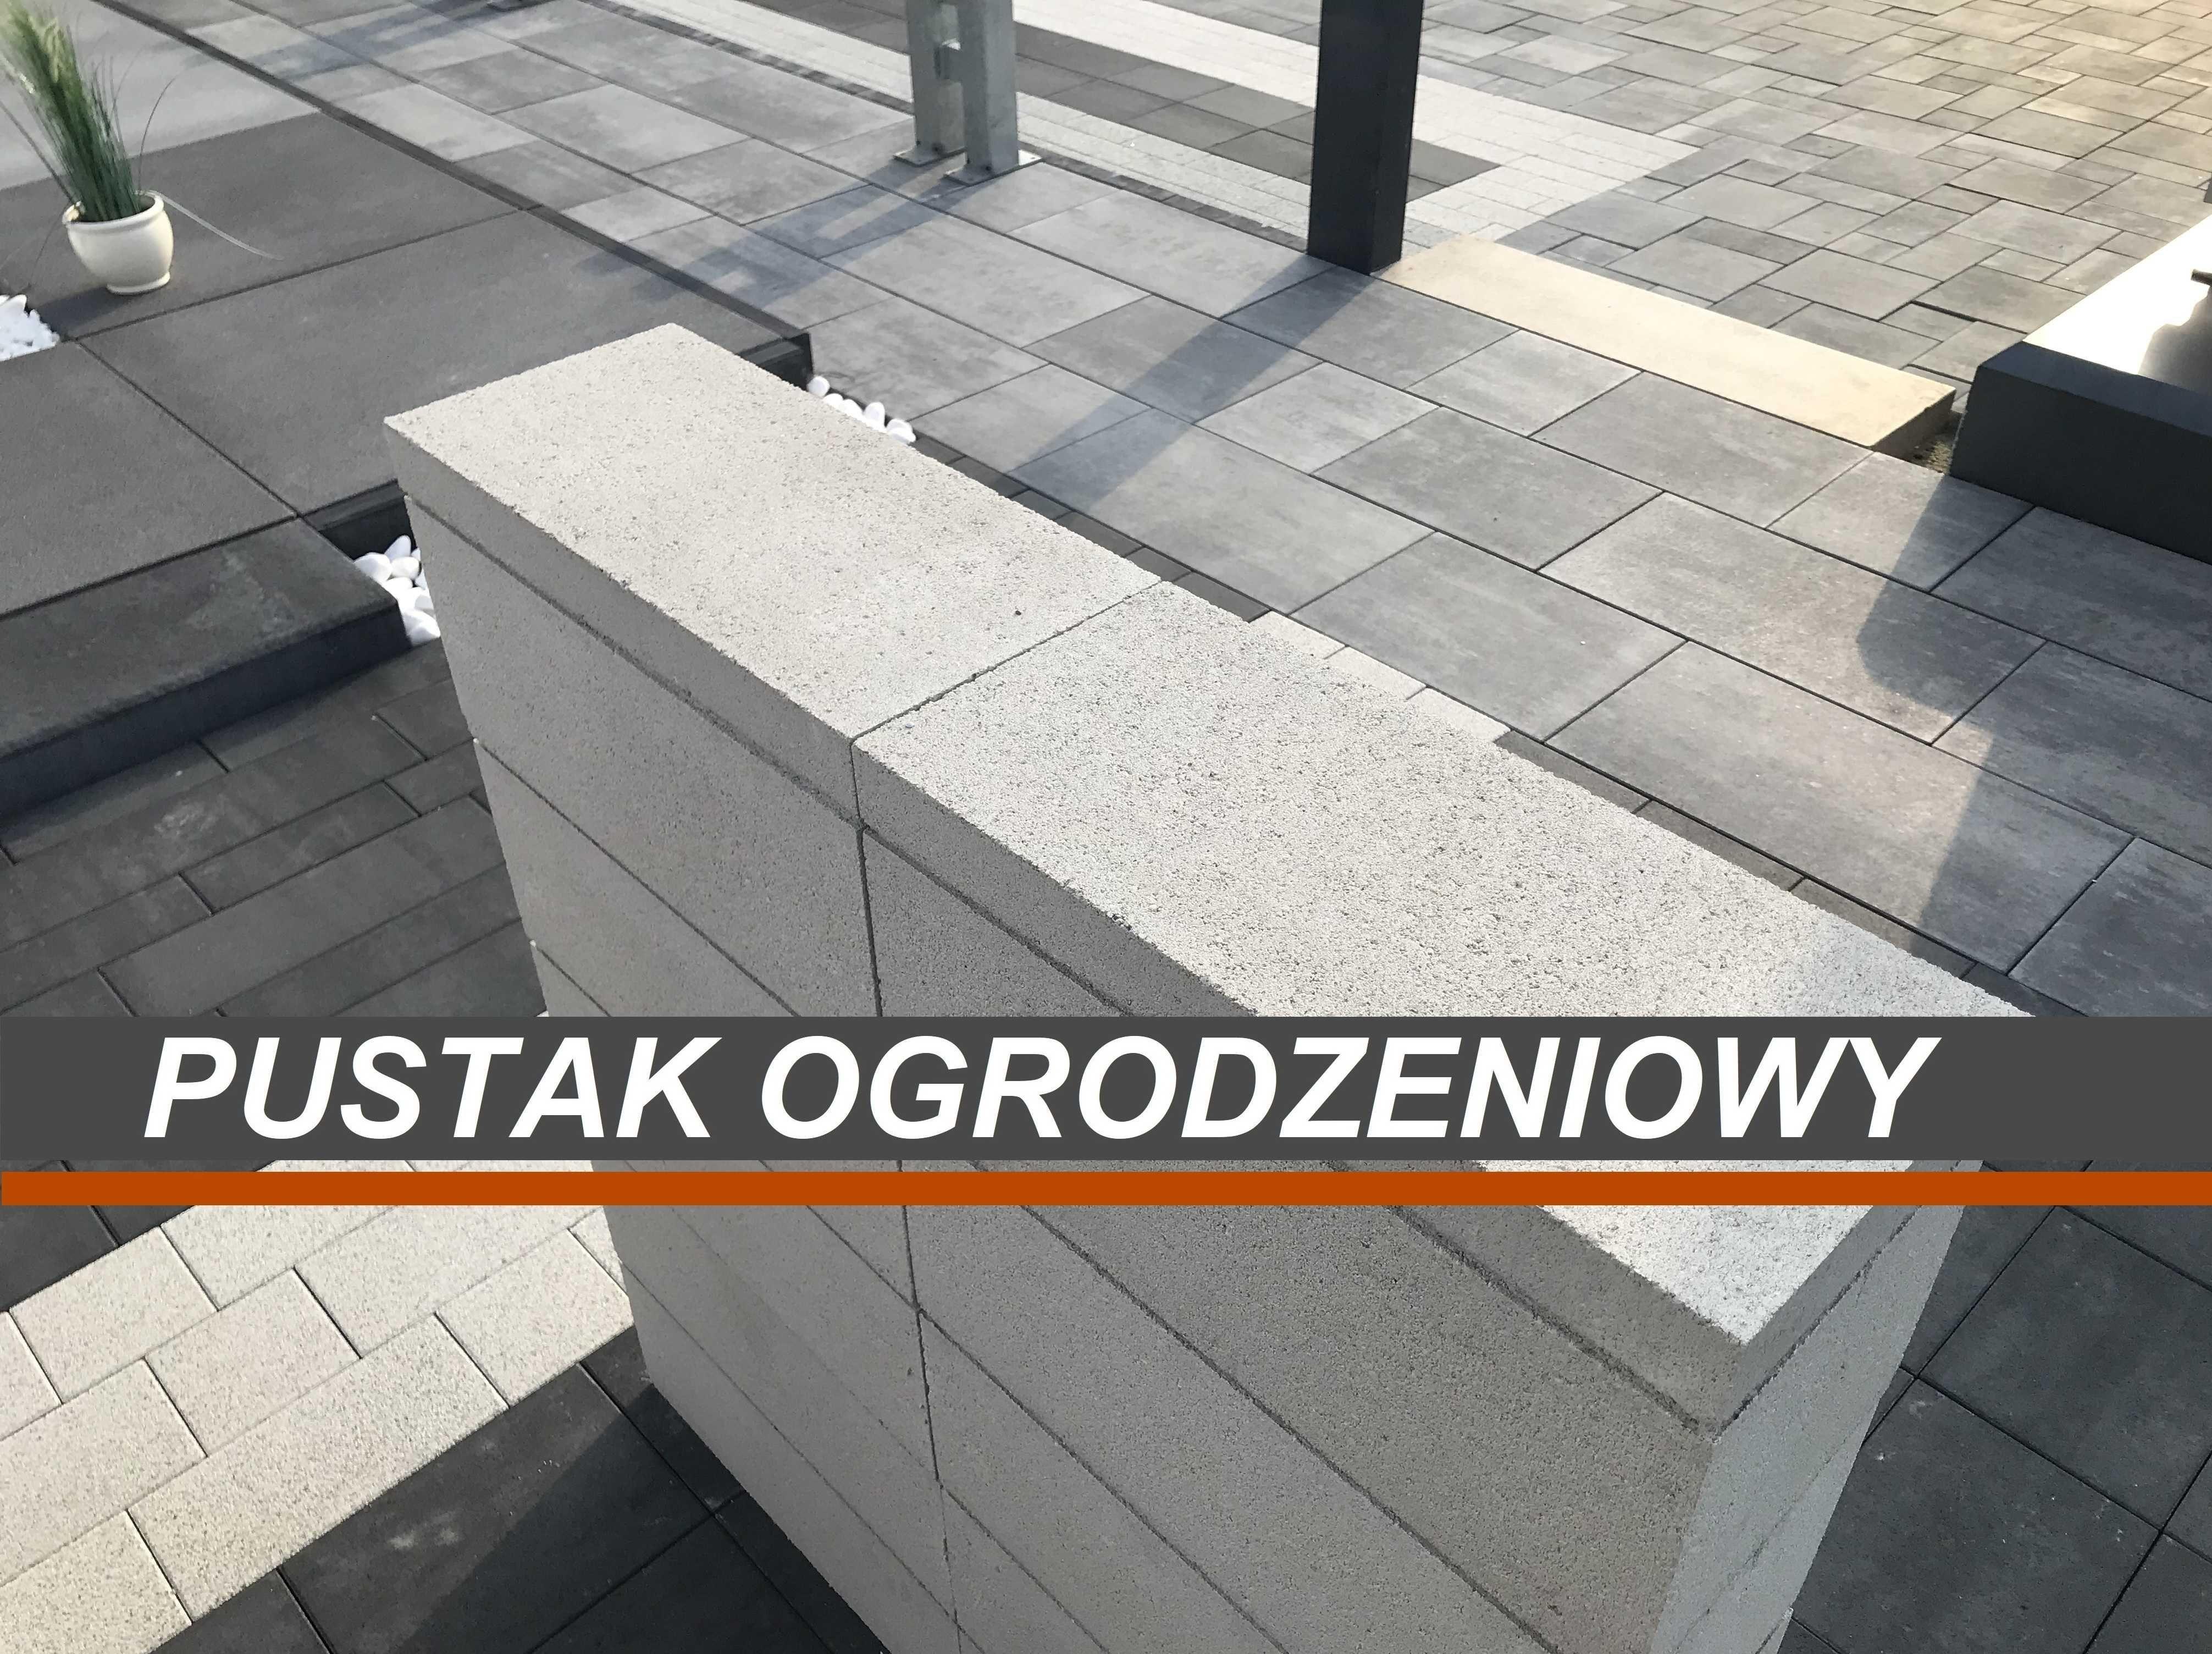 Pustak ogrodzeniowy / Ogrodzenie / Daszki